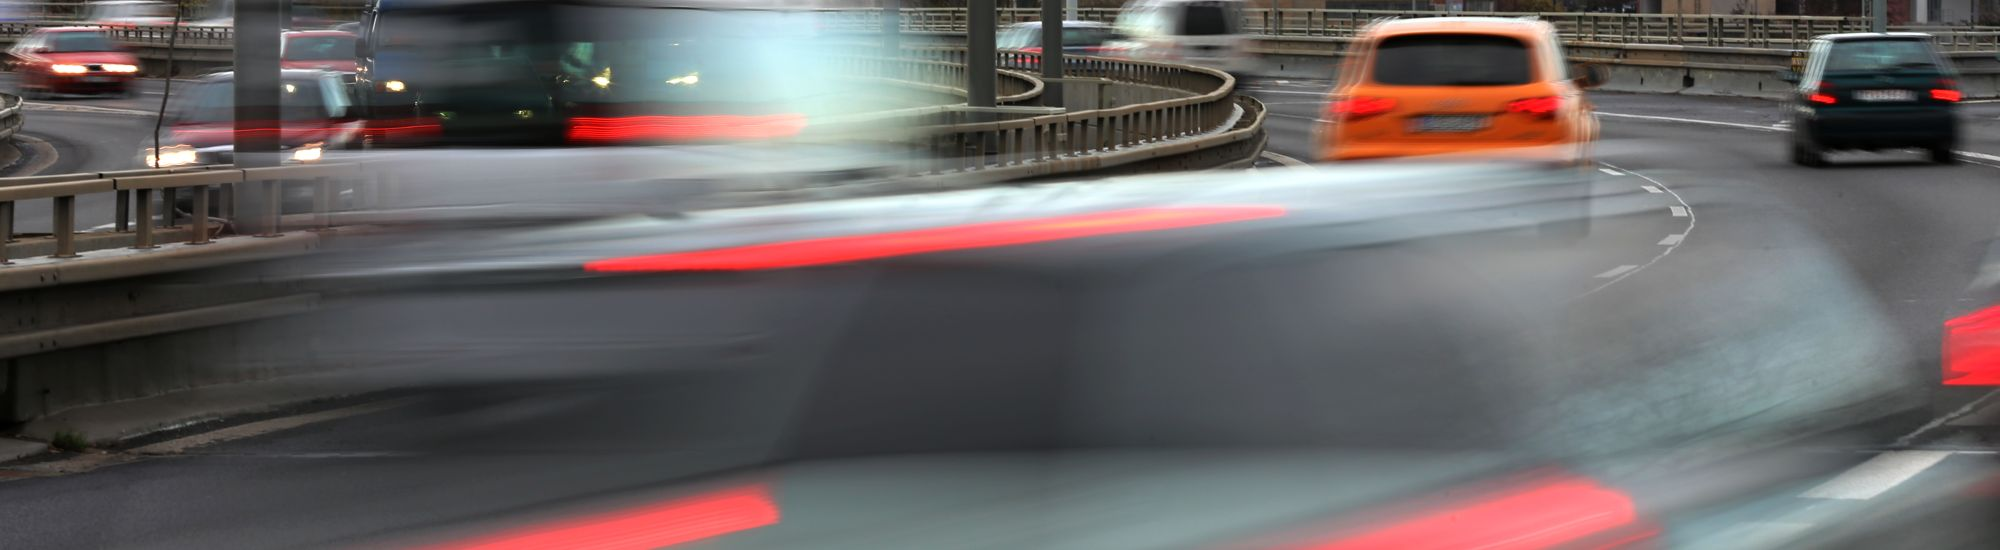 Intenzity dopravy 12 týdnů po zprovoznění